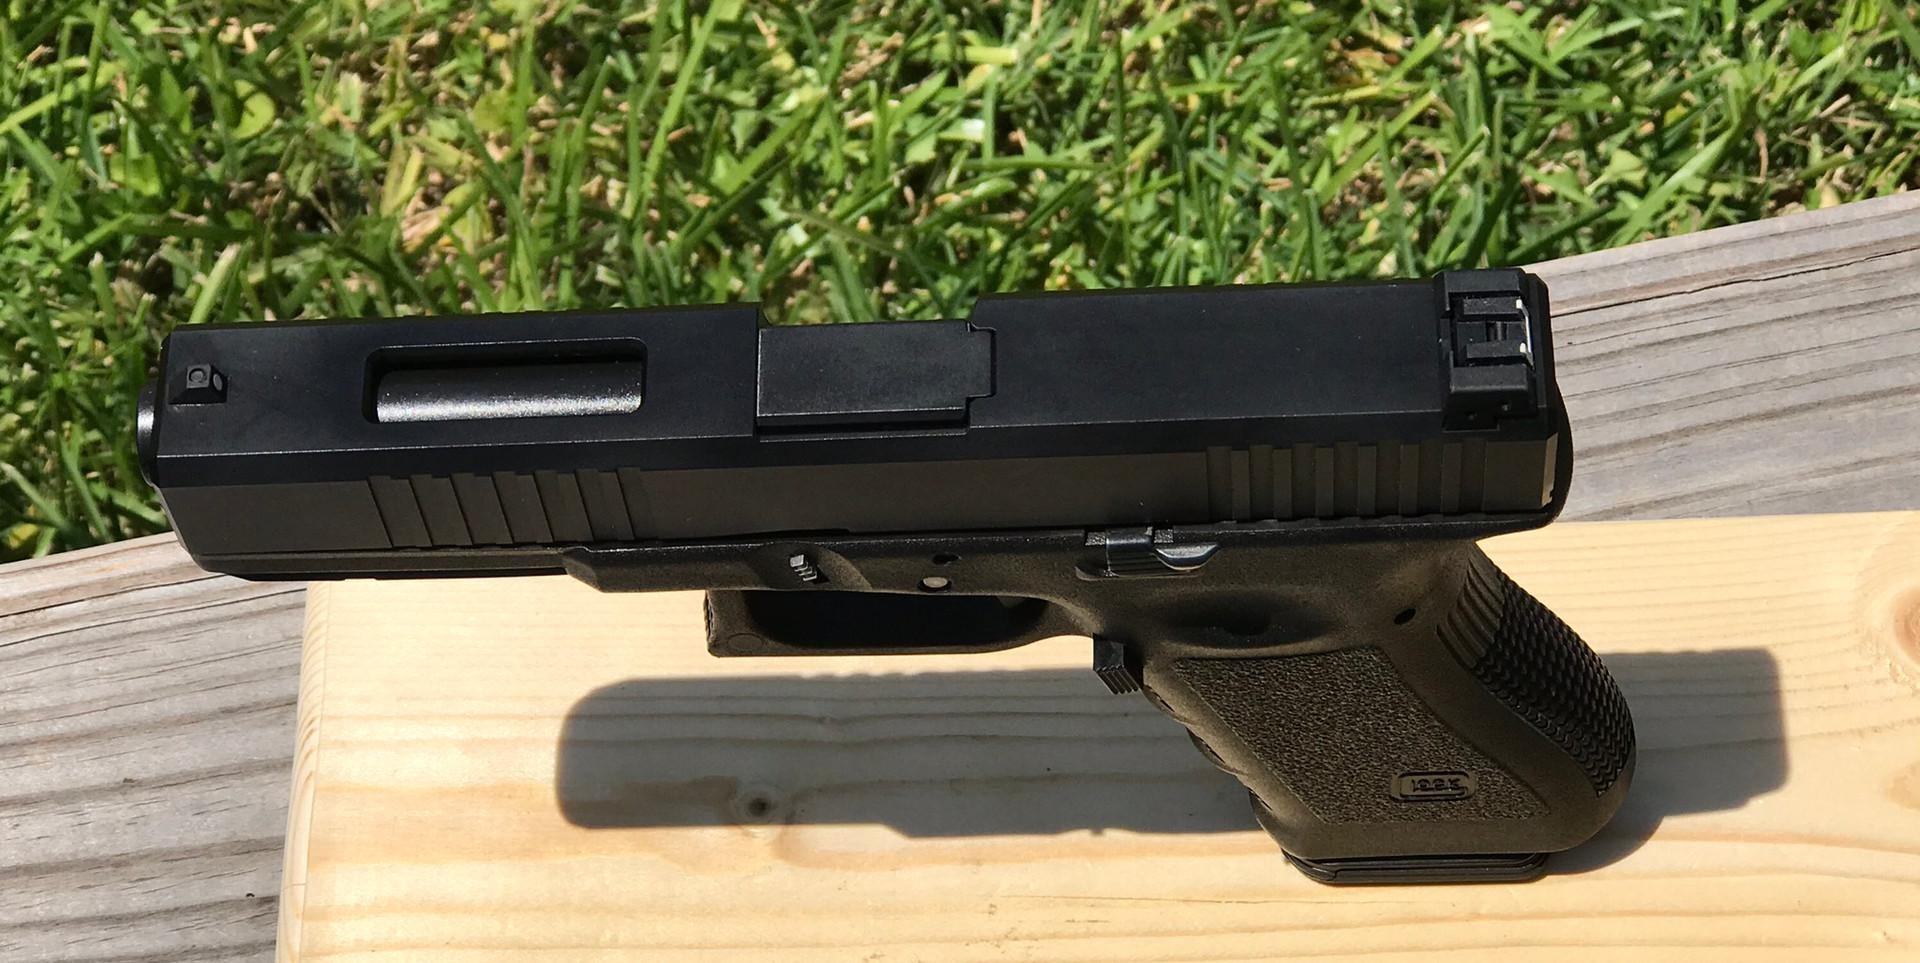 Glock 17 Gen 3